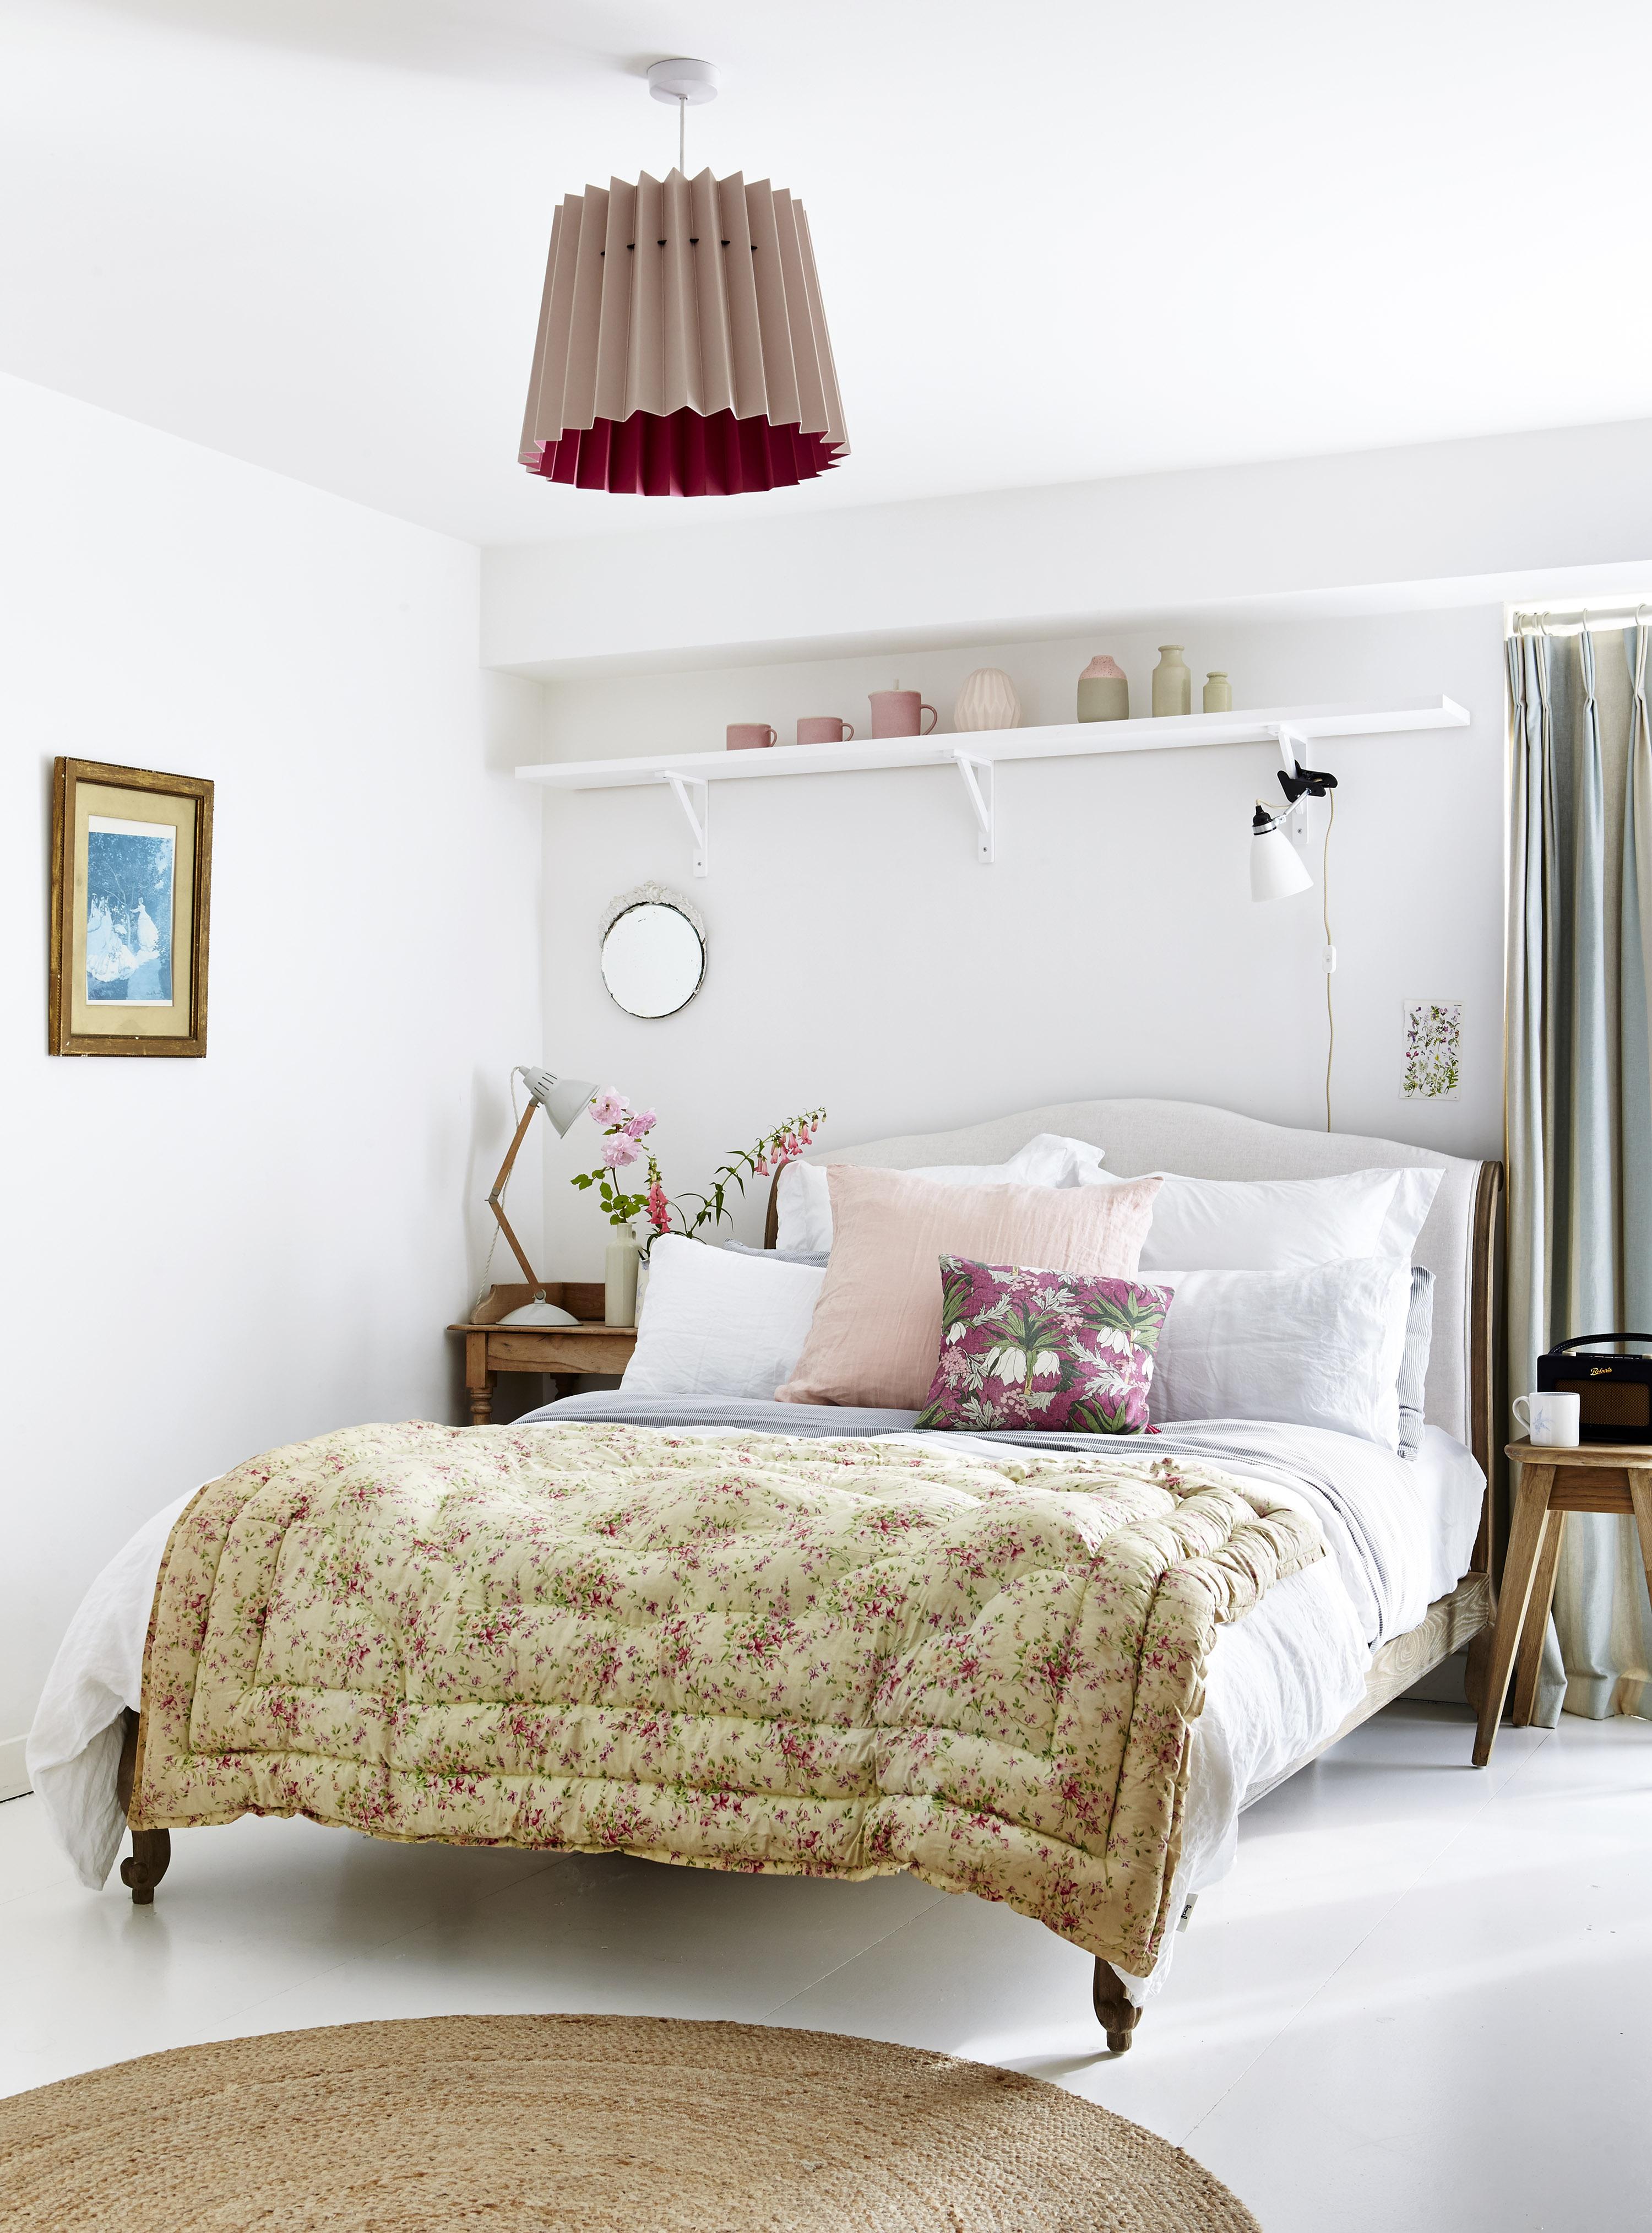 Das Perfekte Schlafzimmer | Schlafzimmer richtig planen | Das große Wohnbuch